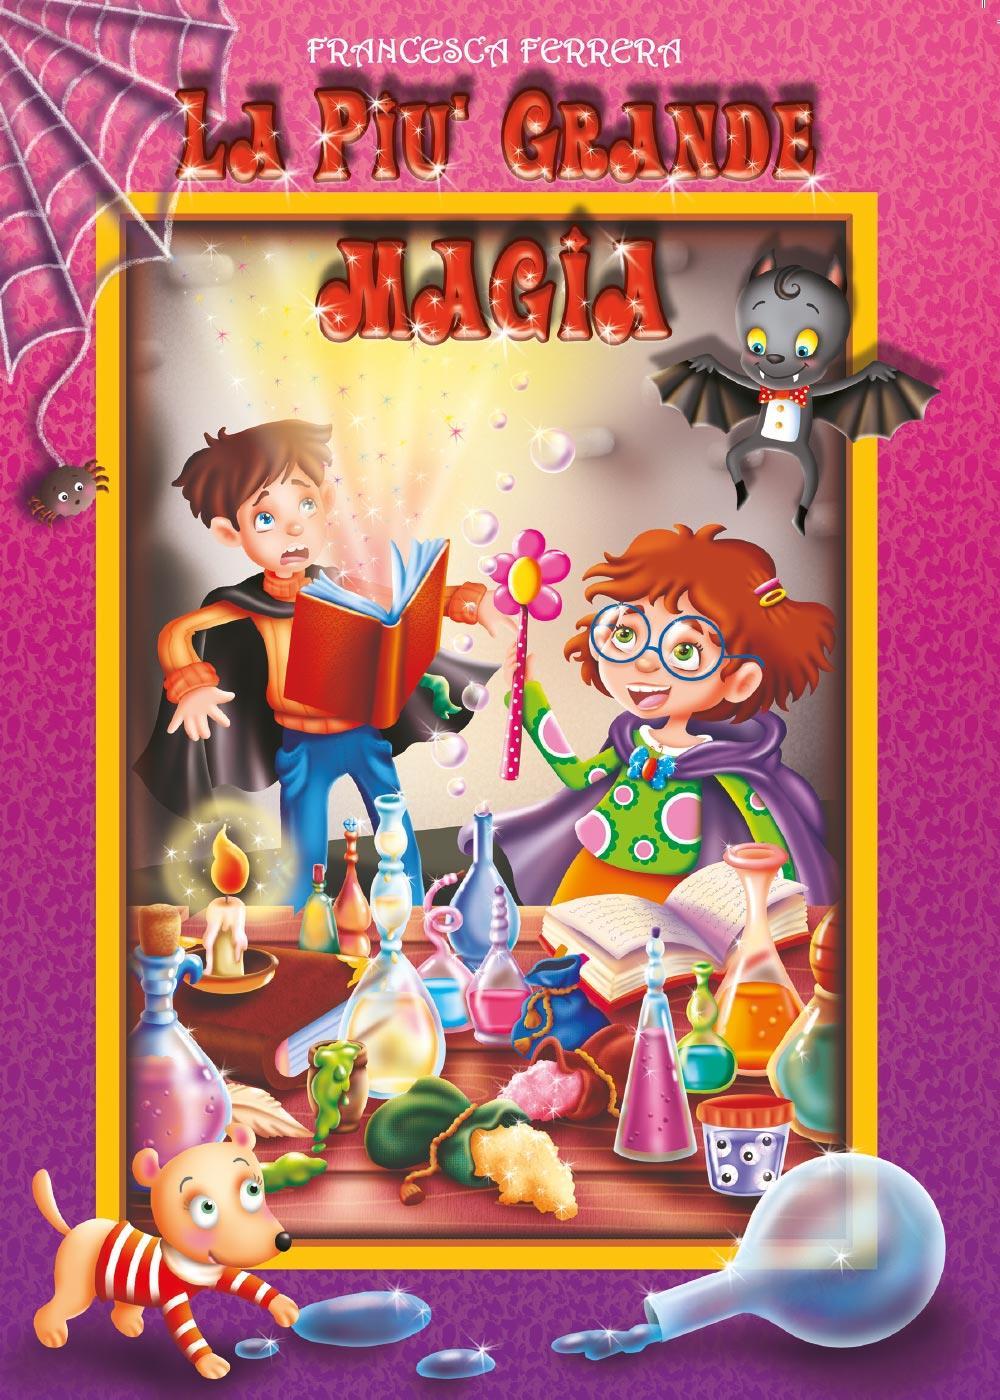 La più grande magia